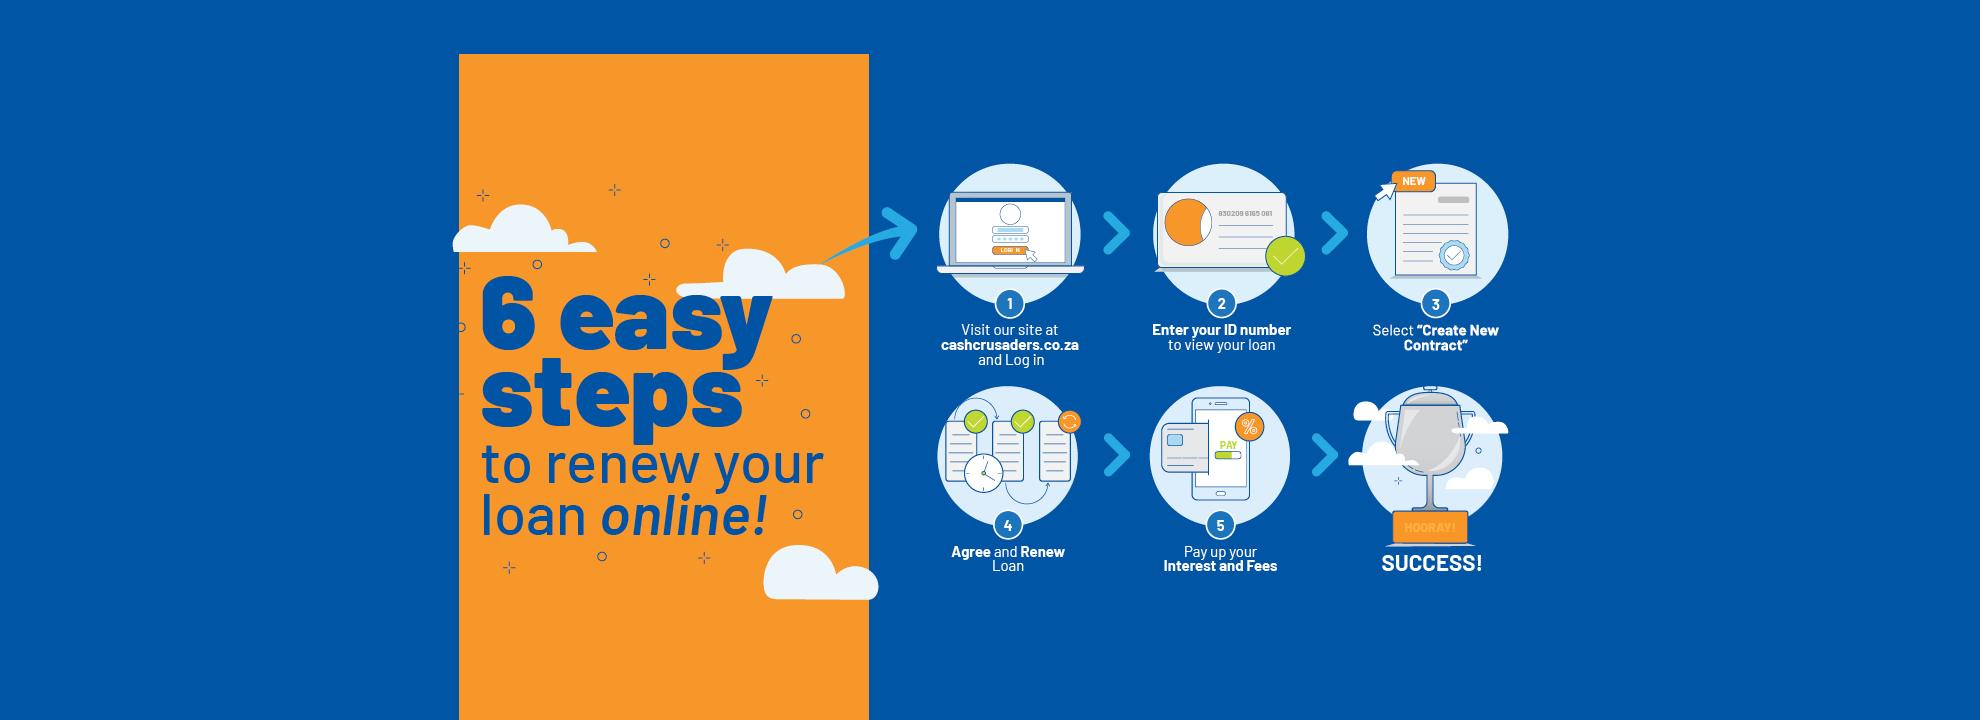 Online loan renewal